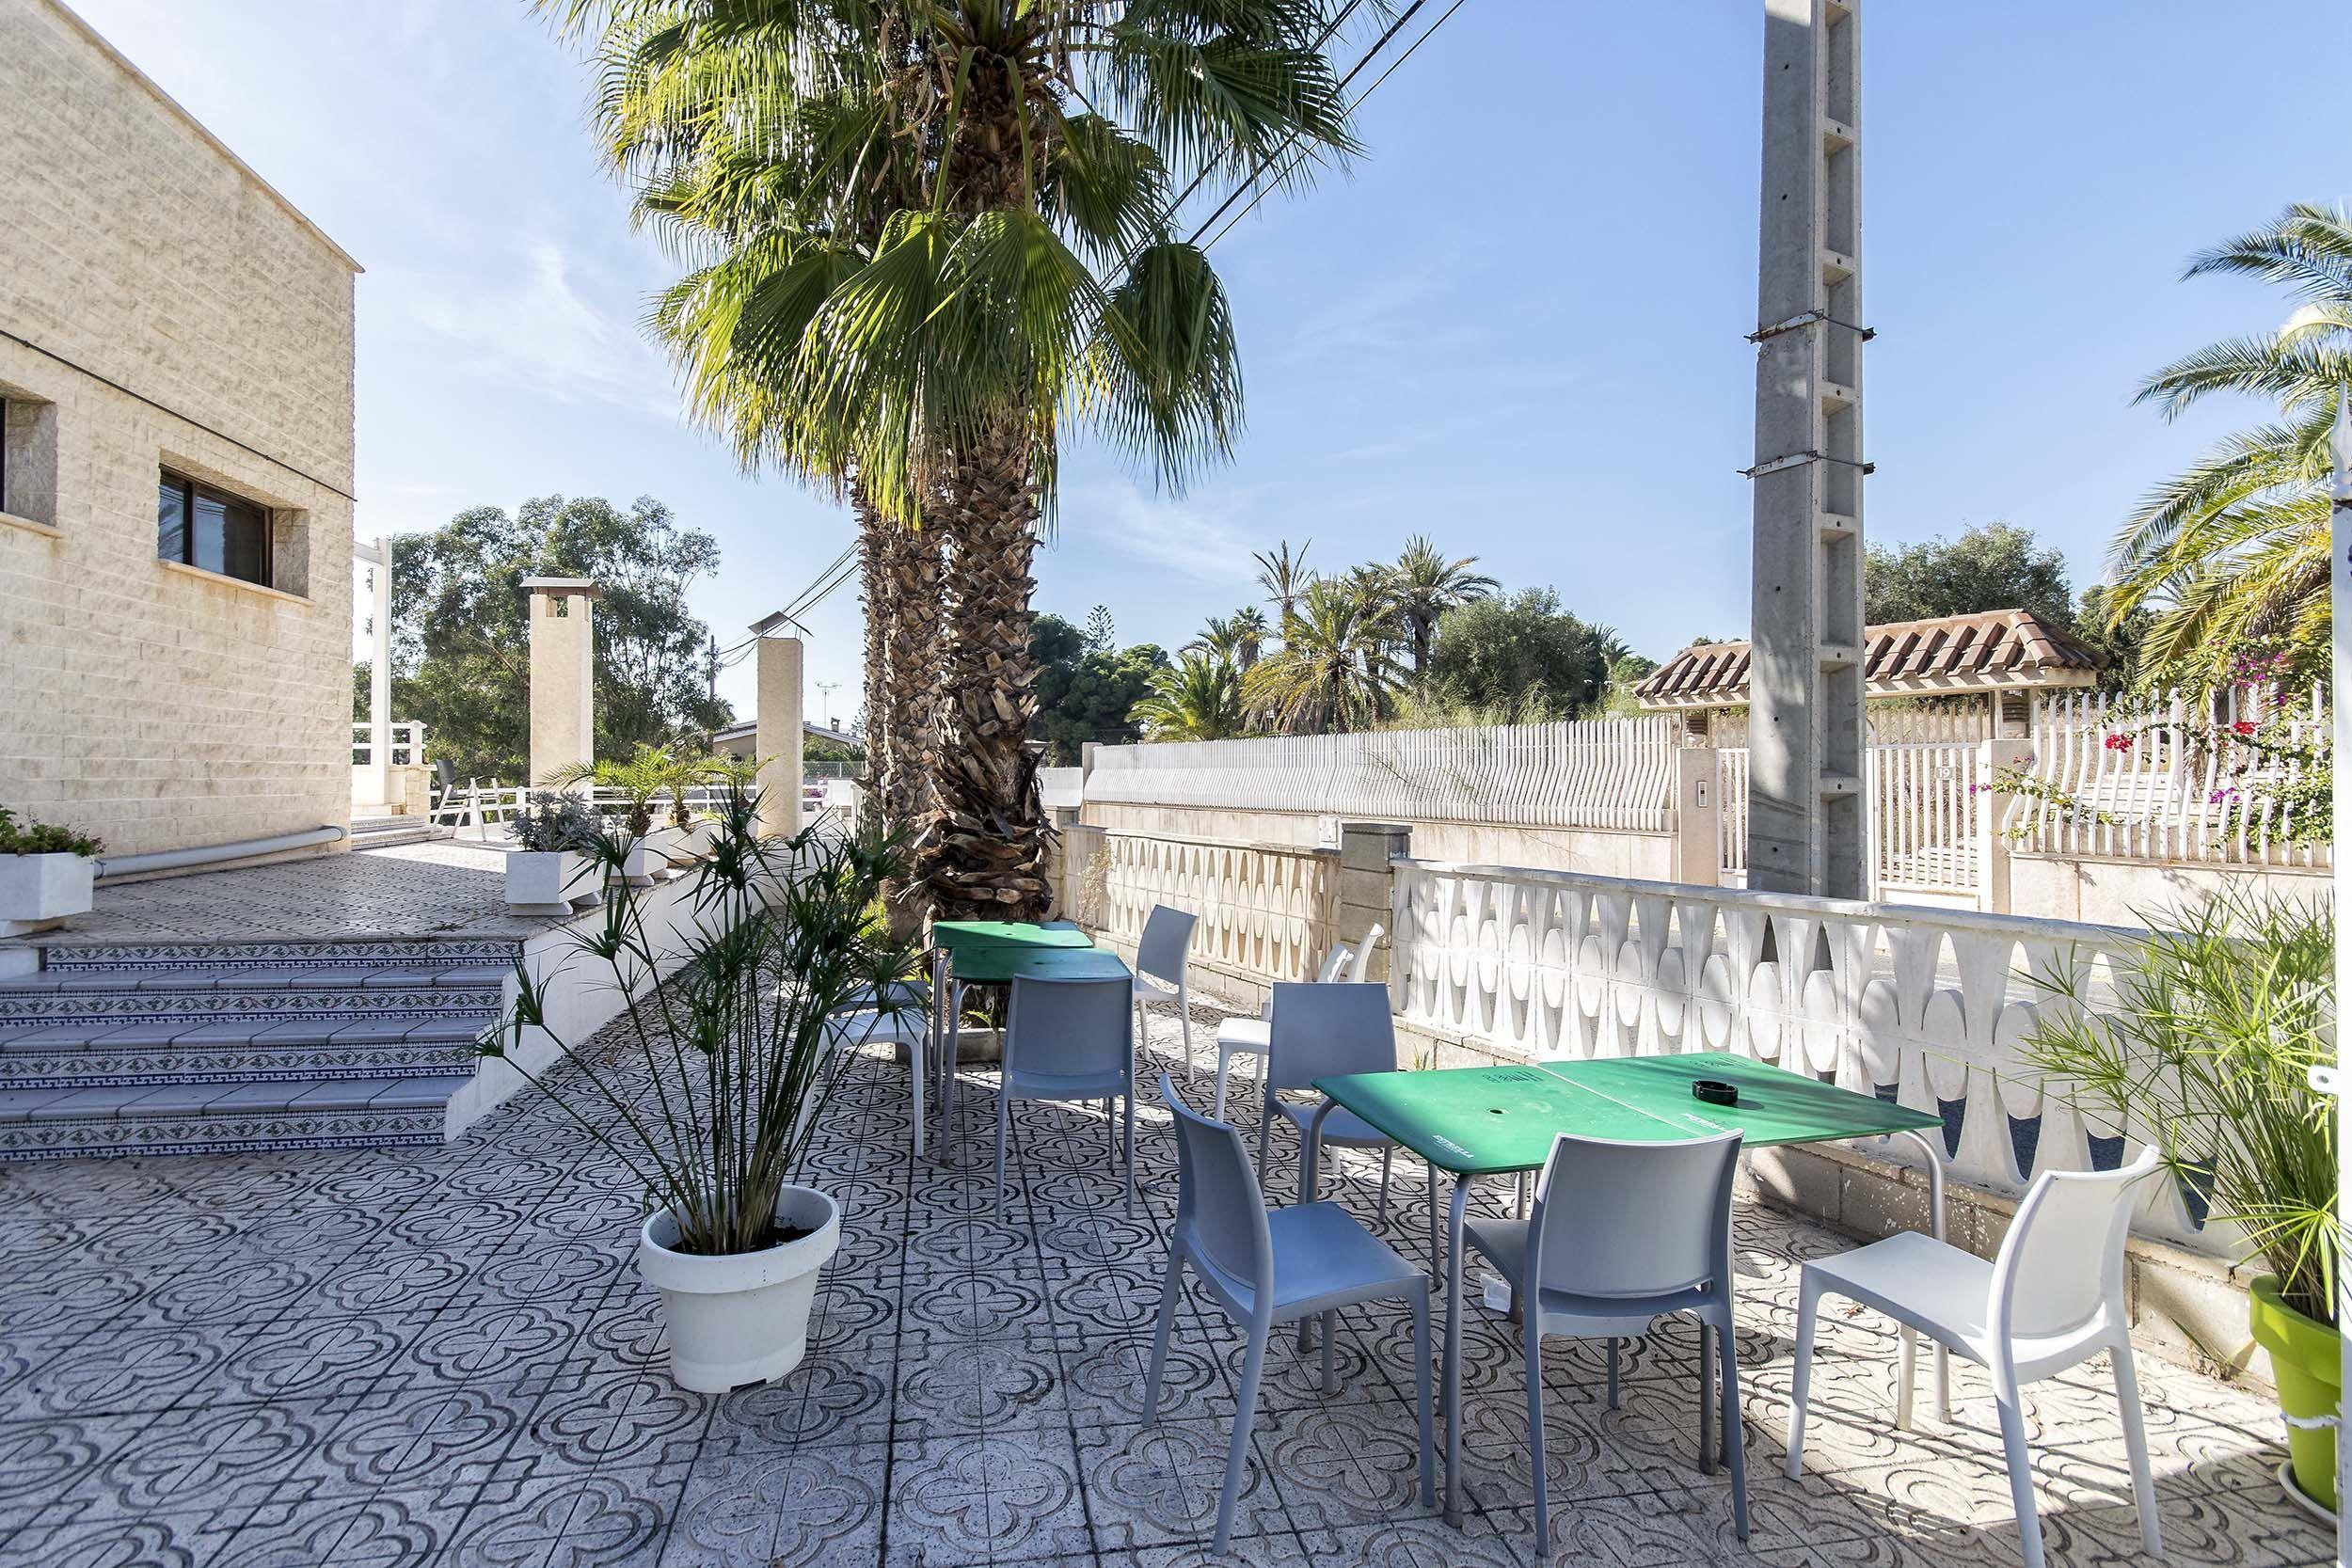 Restaurante con gran terraza de verano en Elche